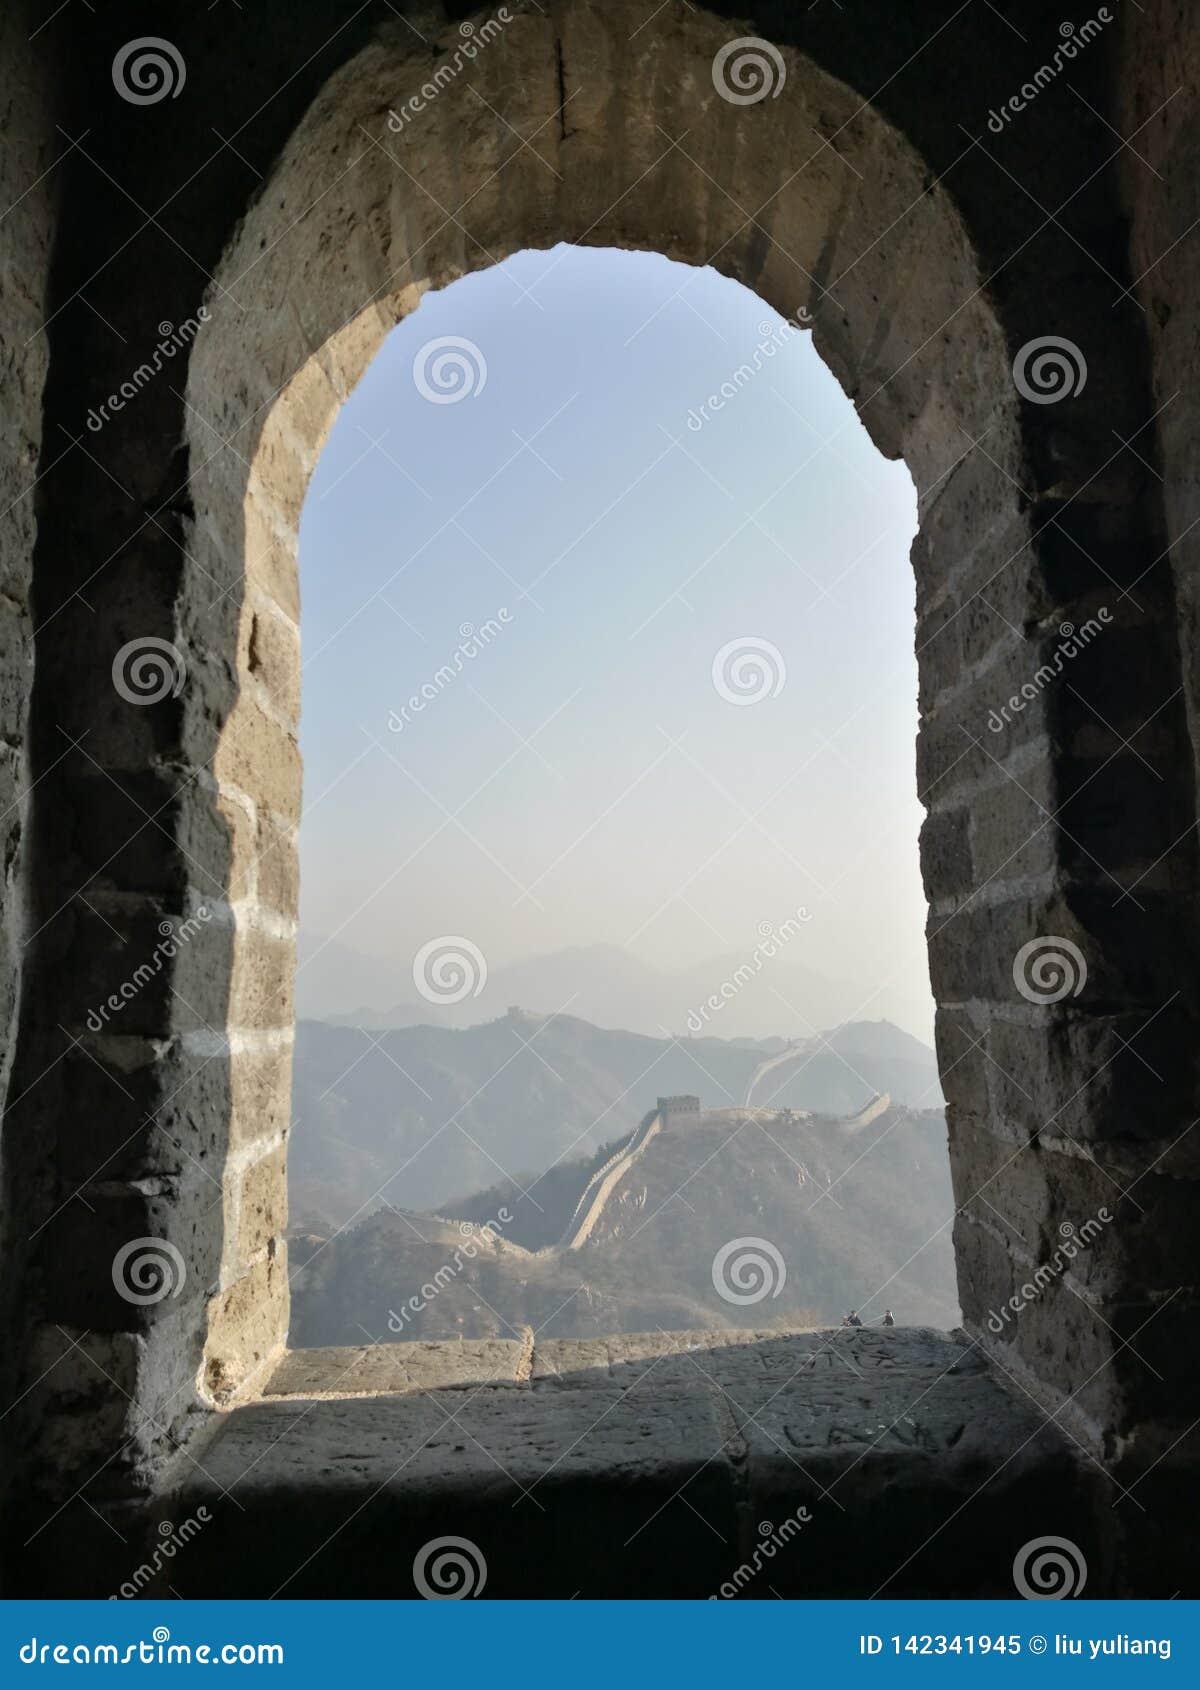 Olhe o Grande Muralha atrav?s do furo da janela